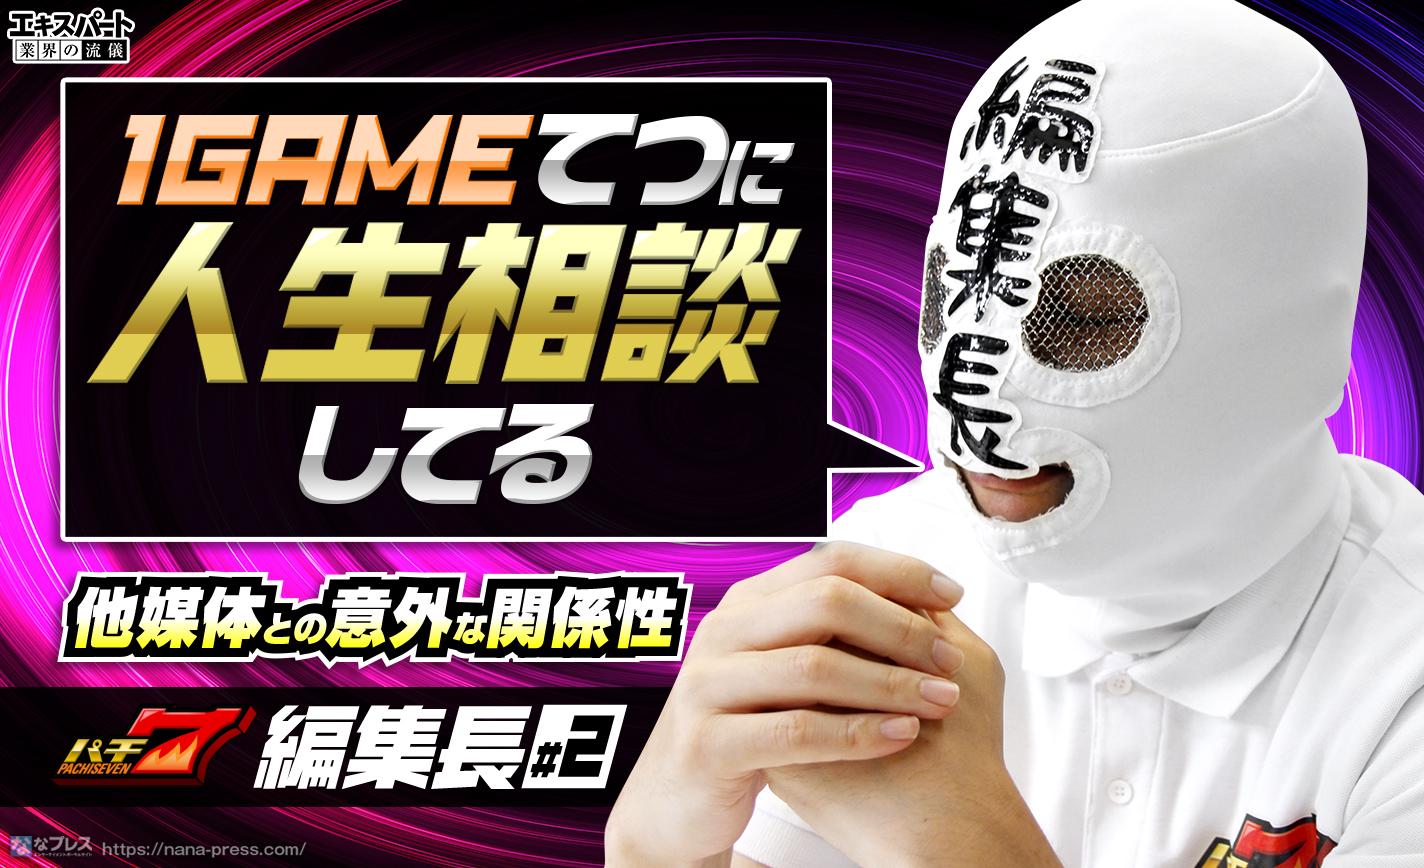 パチ7編集長「1GAMEてつに人生相談してる」他媒体との意外な関係性とは? eyecatch-image